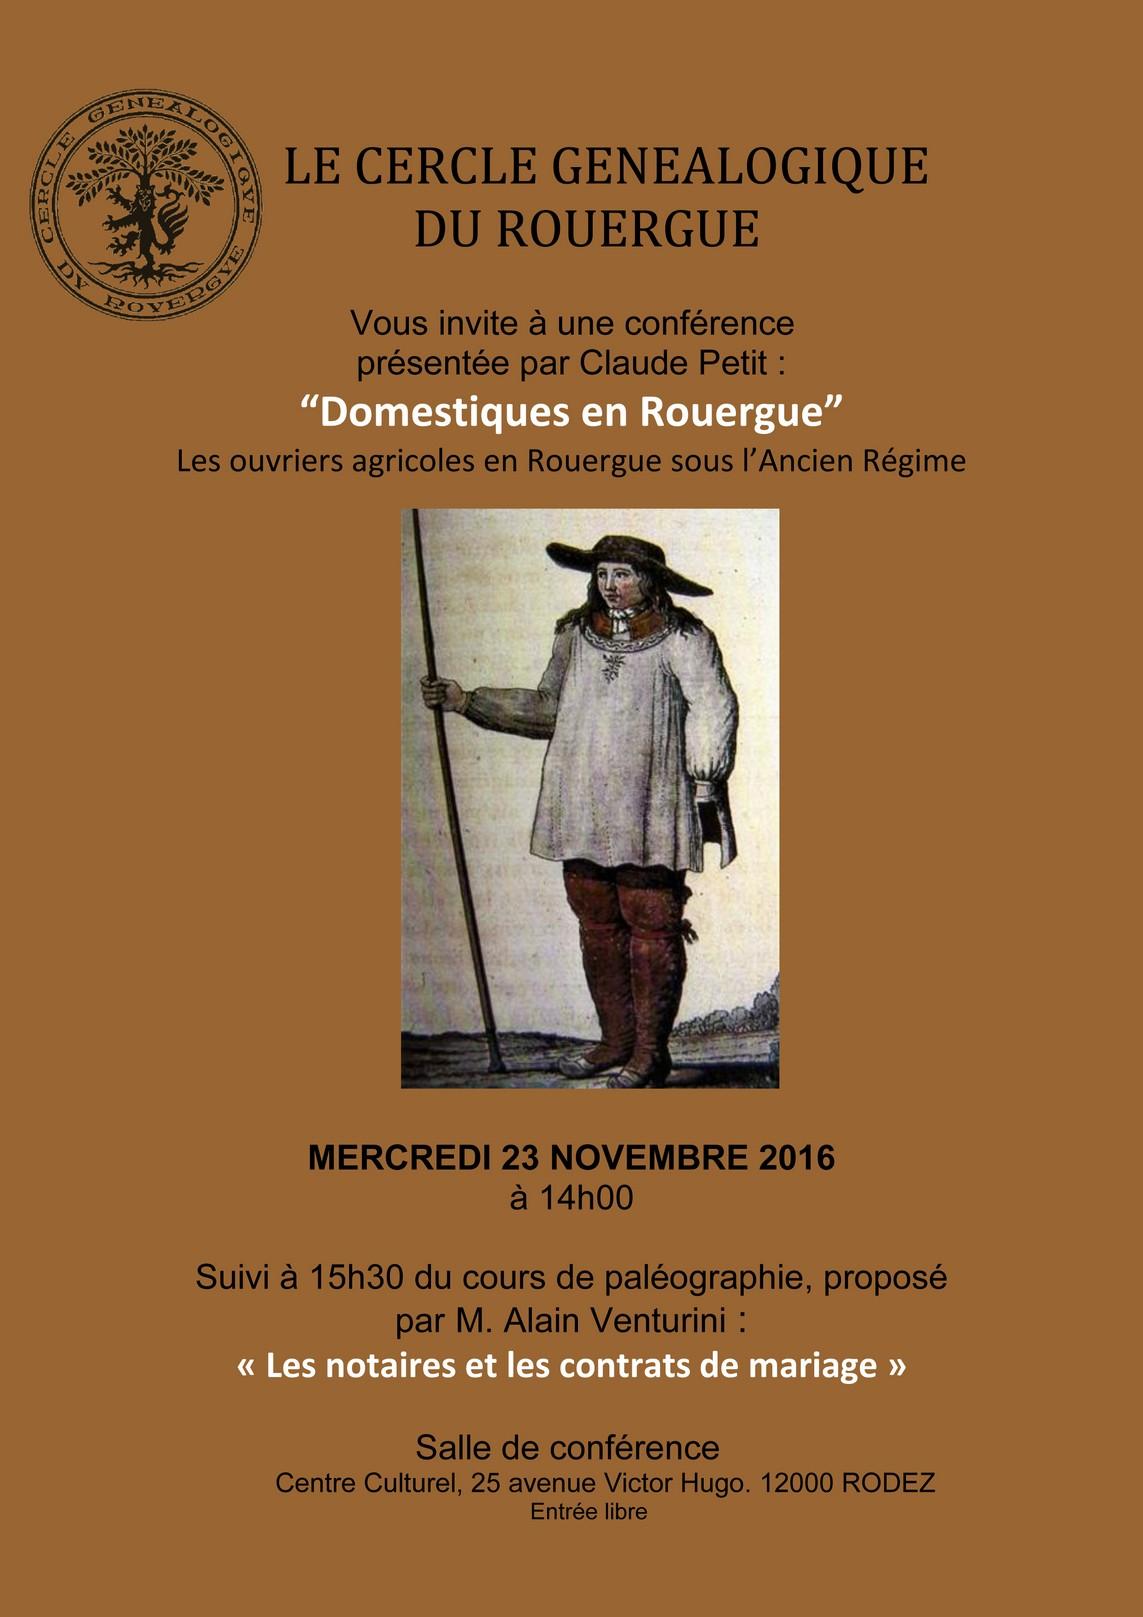 conference-claude-petit-affiche-jross-pour-site